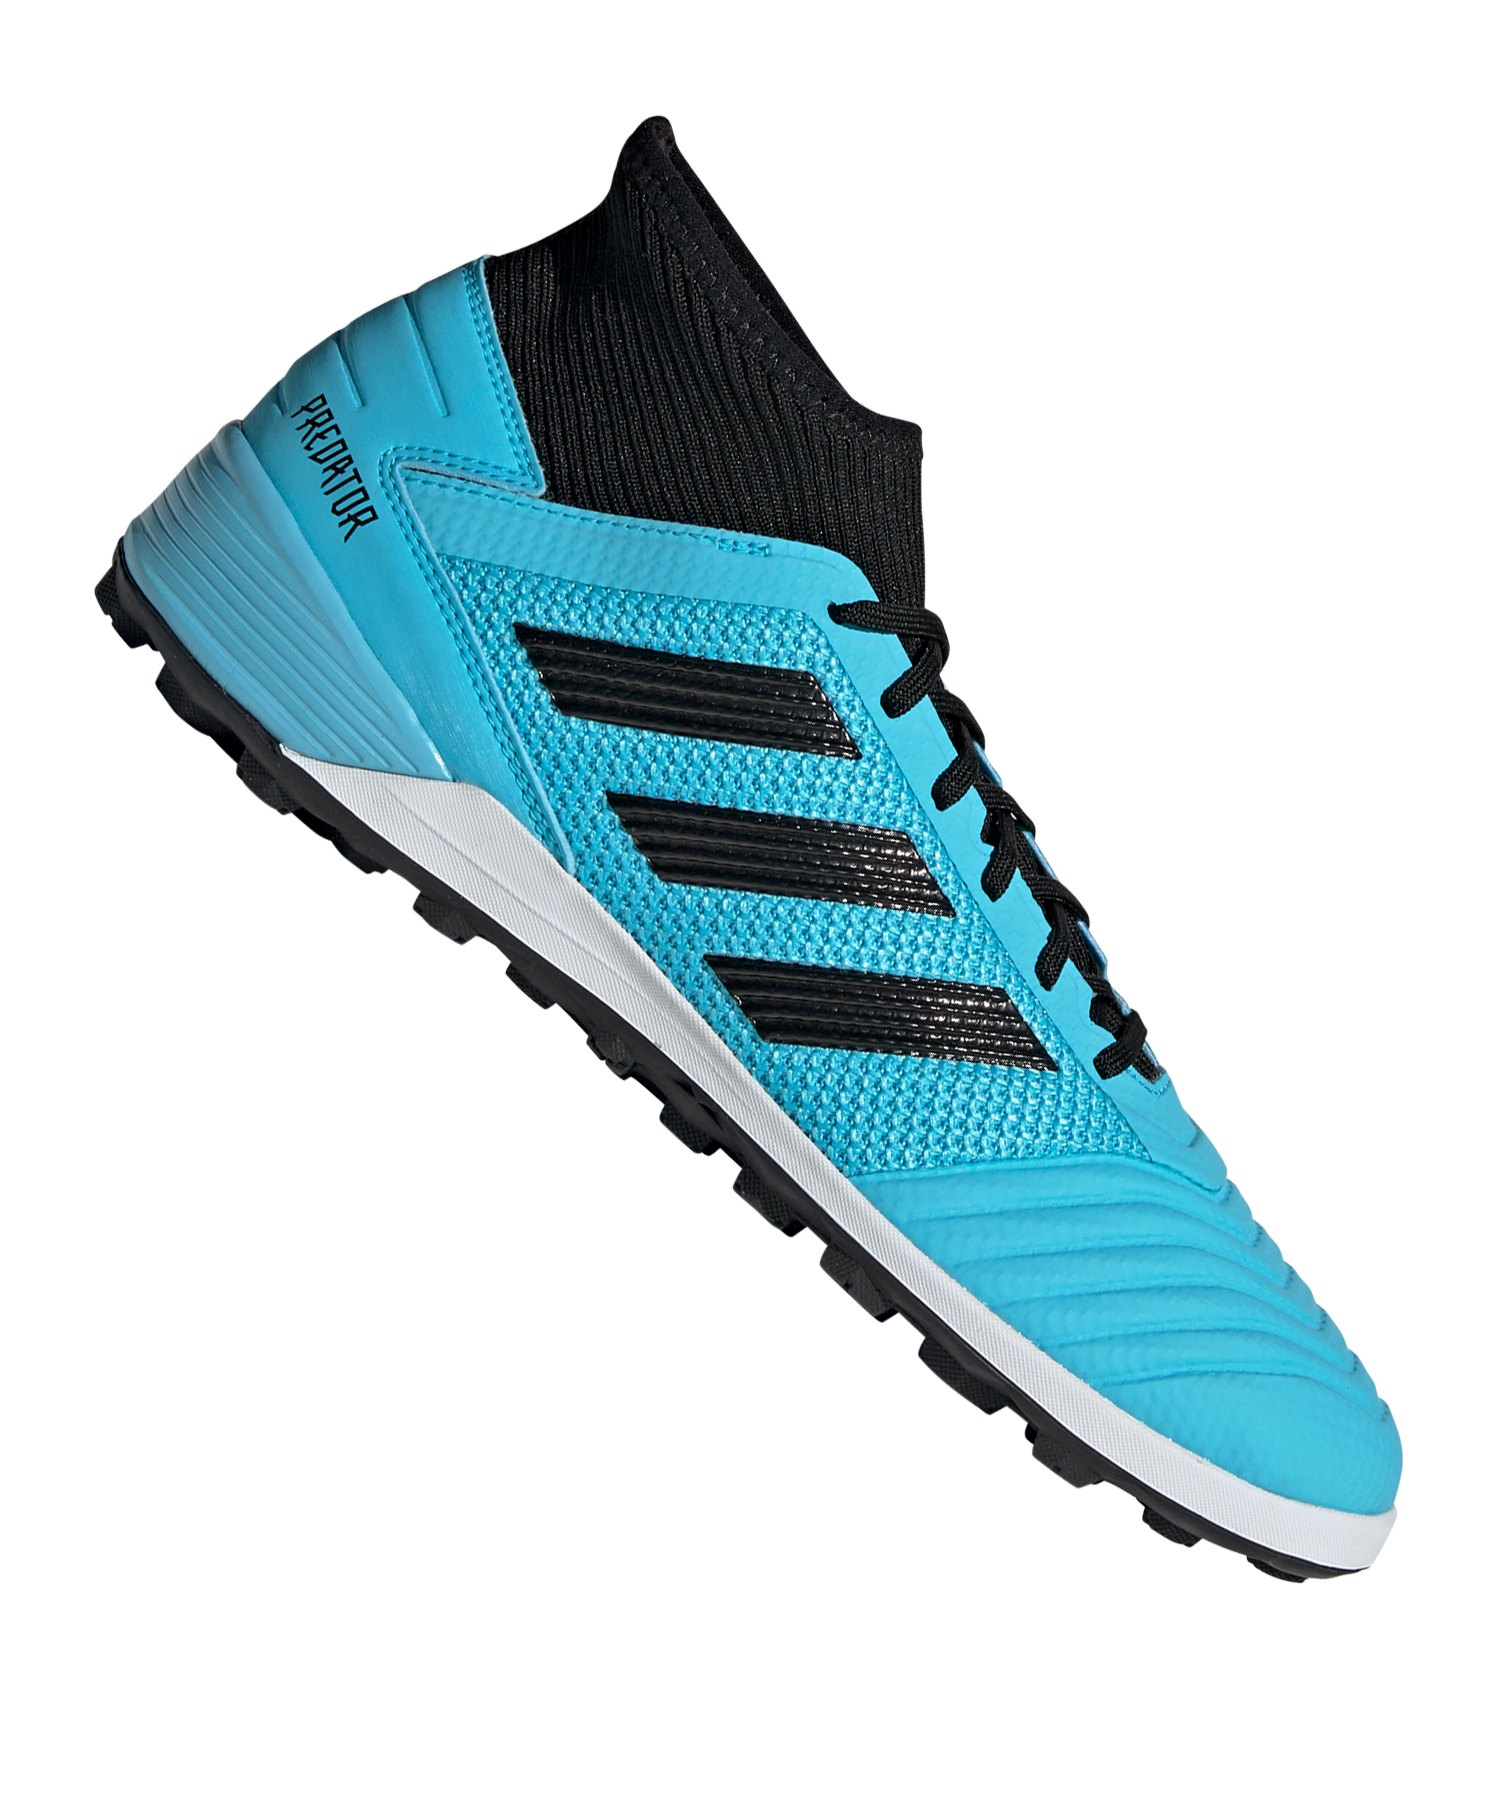 adidas Predator 19.3 TF Blau Schwarz - blau